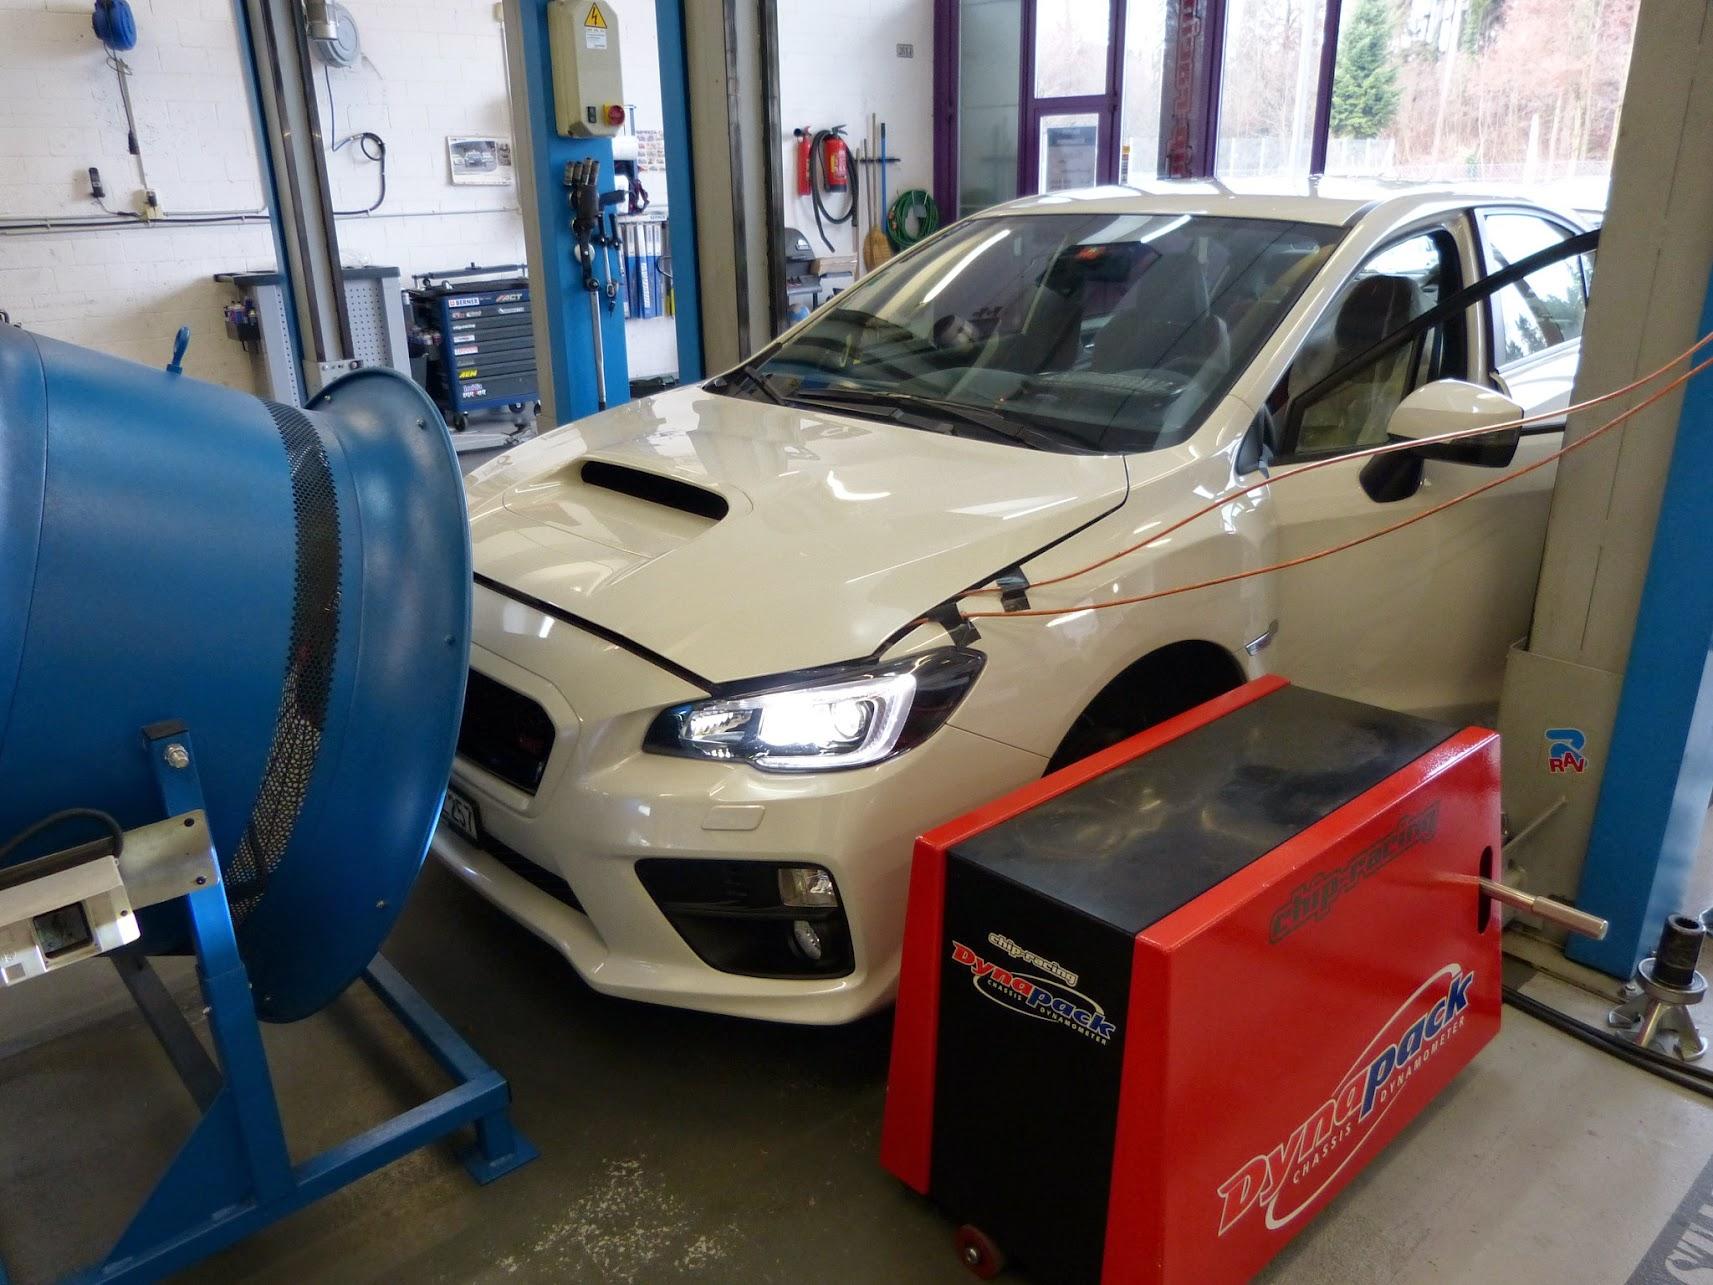 Ecutek Tuning Subaru STI Chip-Racing